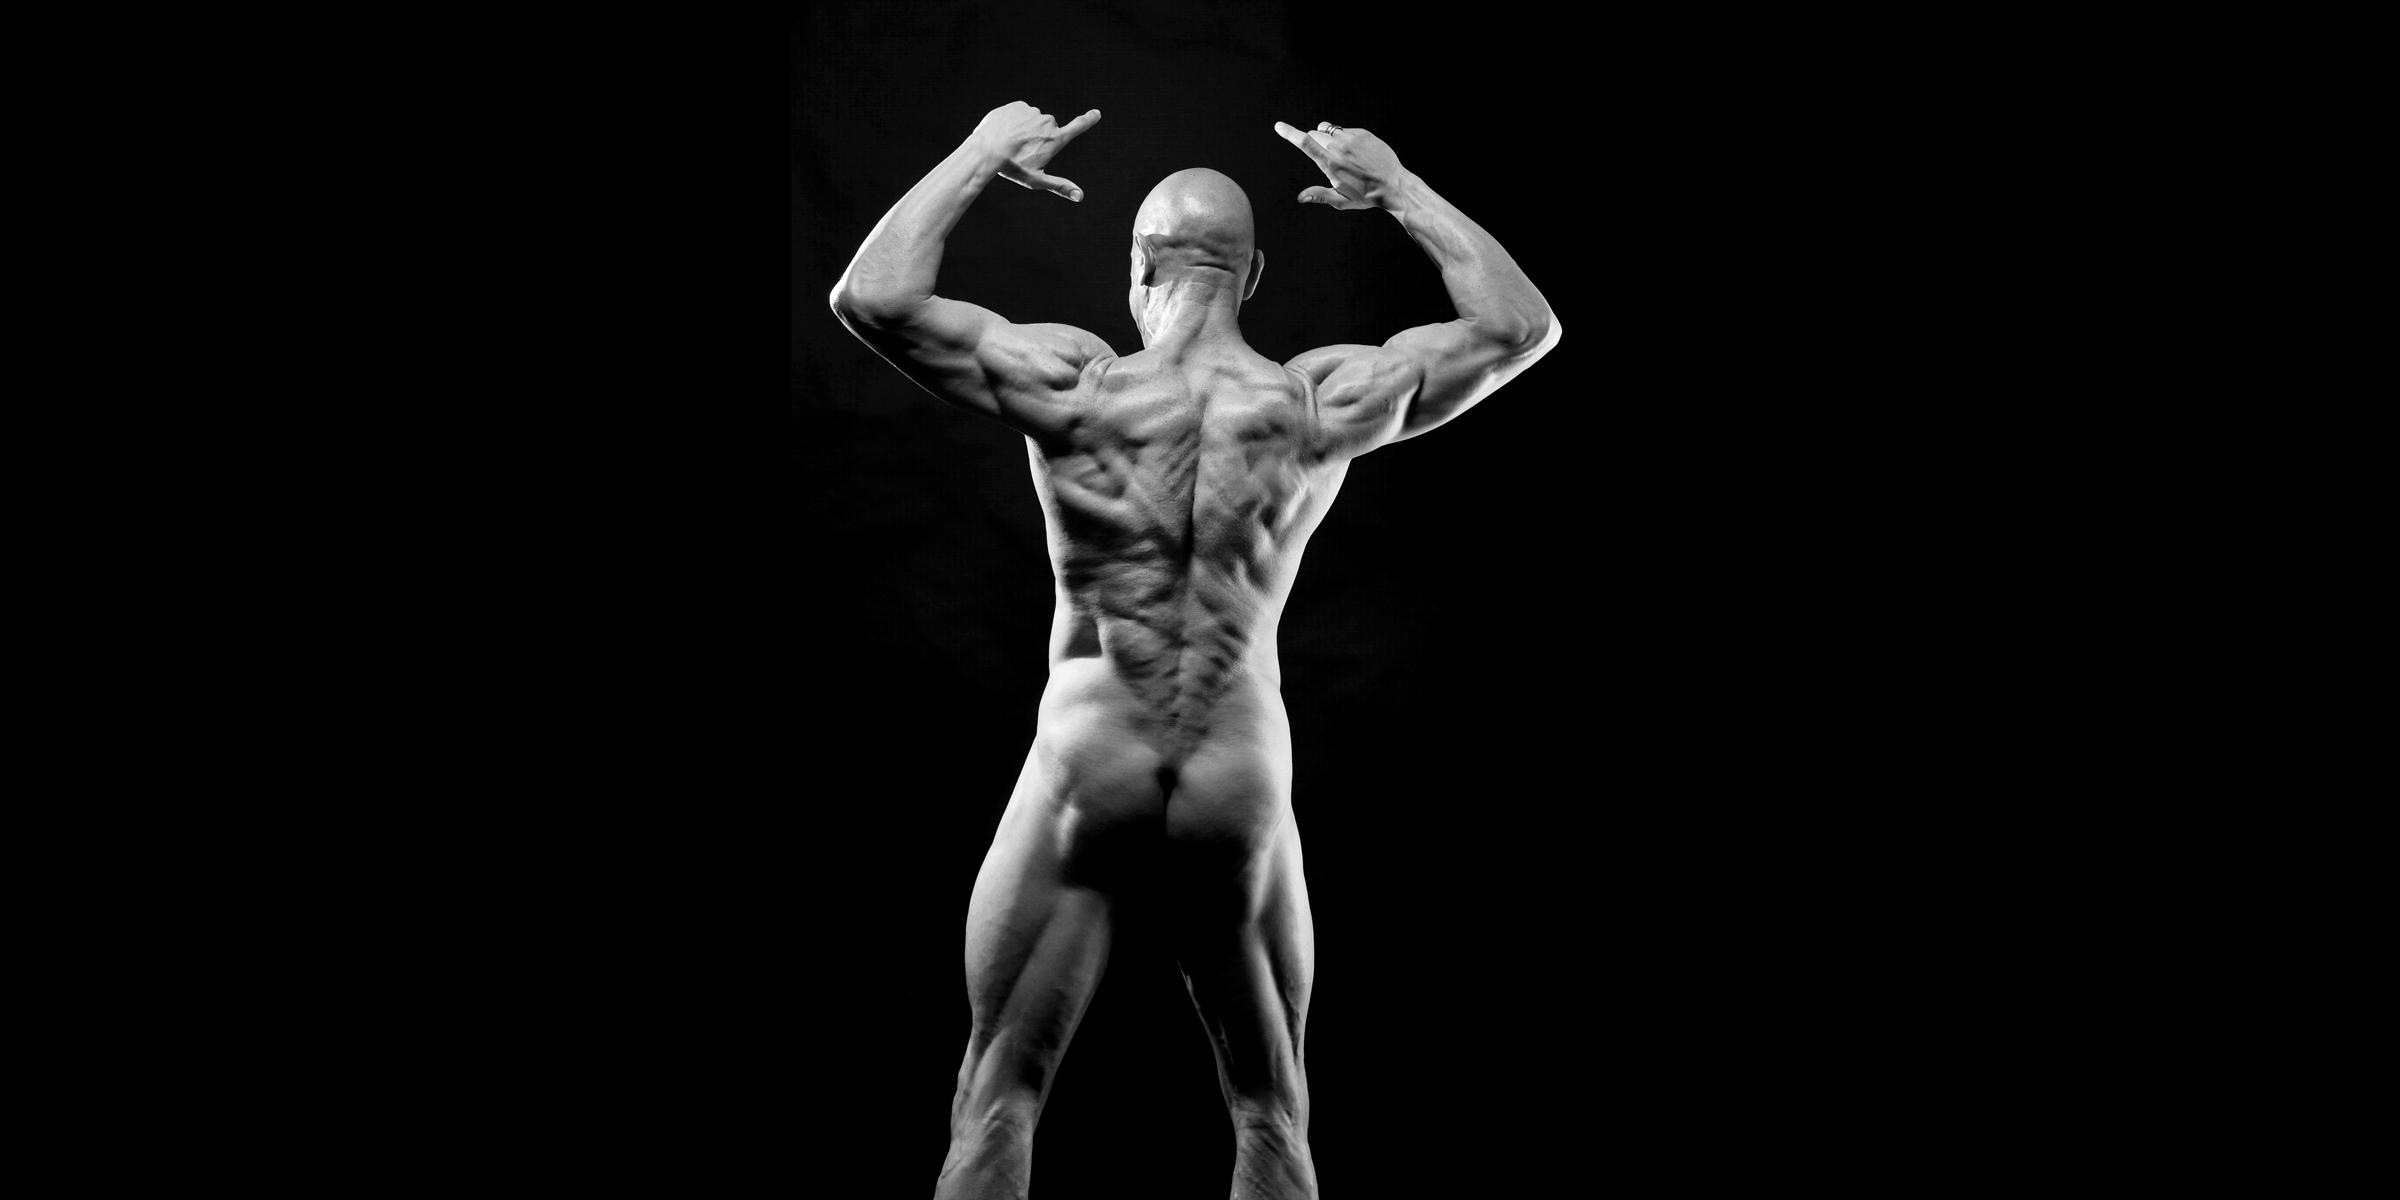 Rückansicht eines nackten, sportlichen Mannes mit besonders ausgeprägter Rückenmuskulatur, der mit gehobenen Armen und gespreizten Fingern posiert.